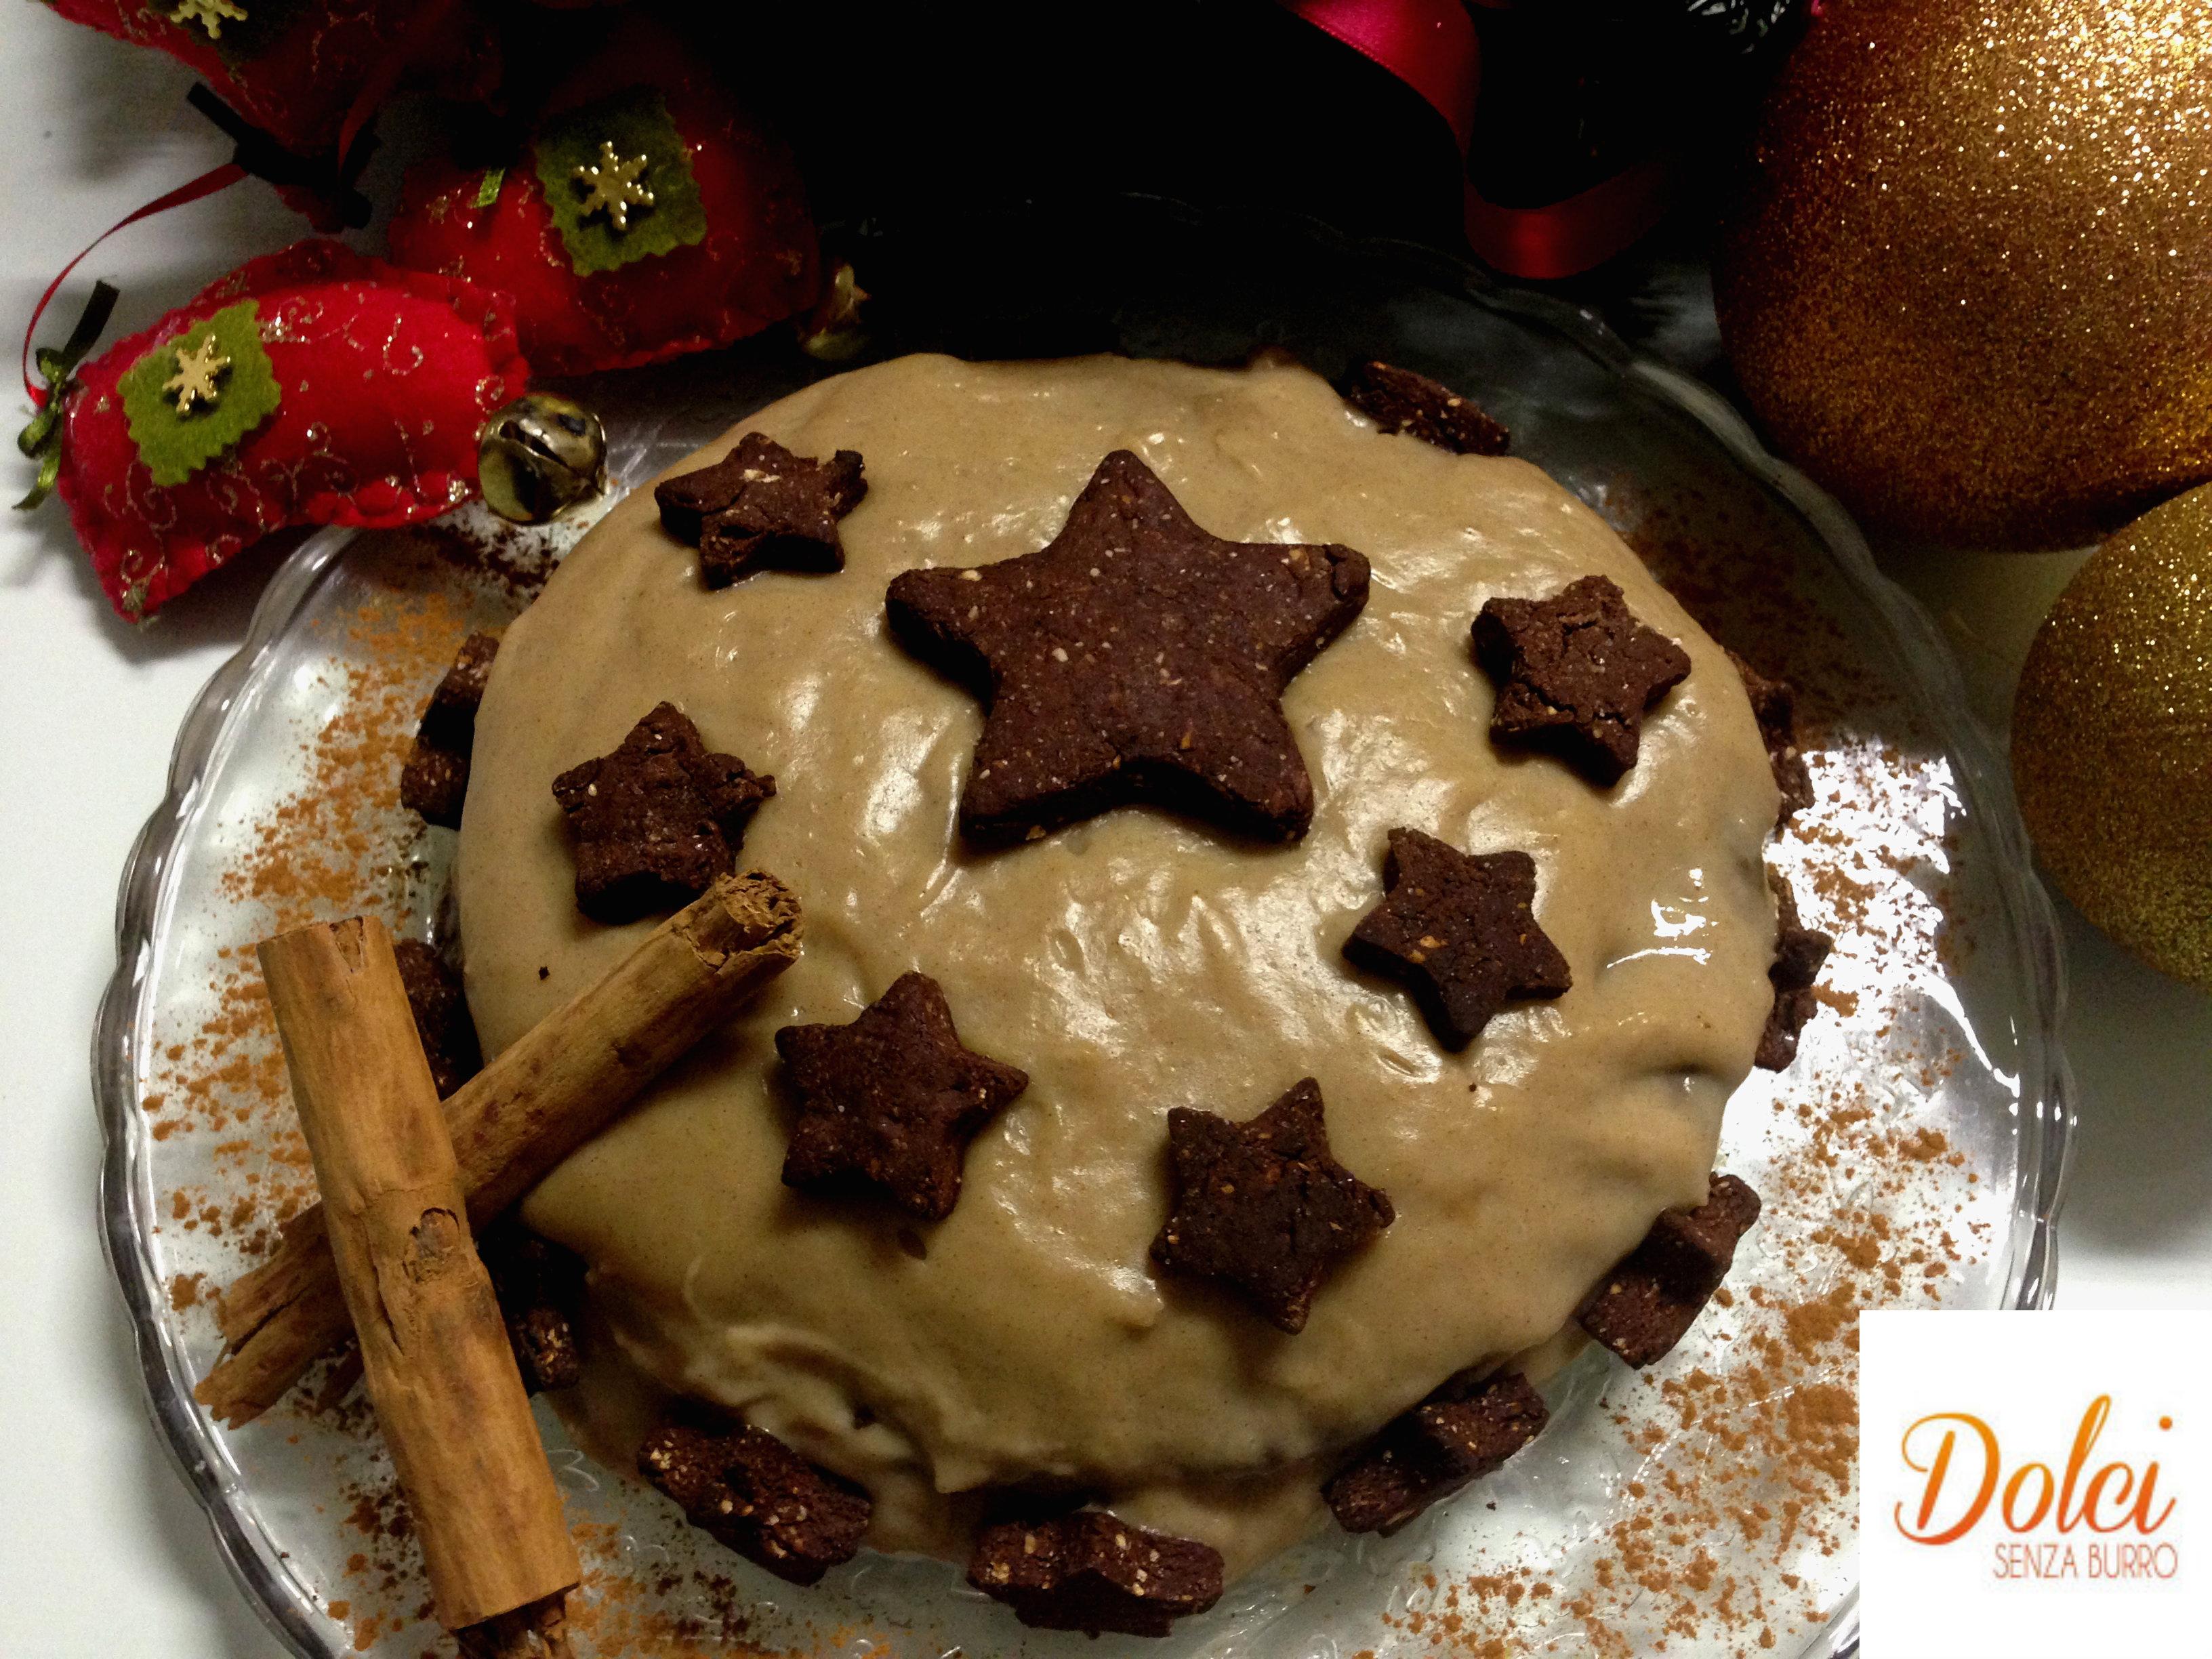 Torta Senza Burro della Vigilia è composta da tre dischi di pasta biscottata al cioccolato farcita da crema pasticcera alla cannella, un dolce speciale di dolci senza burro